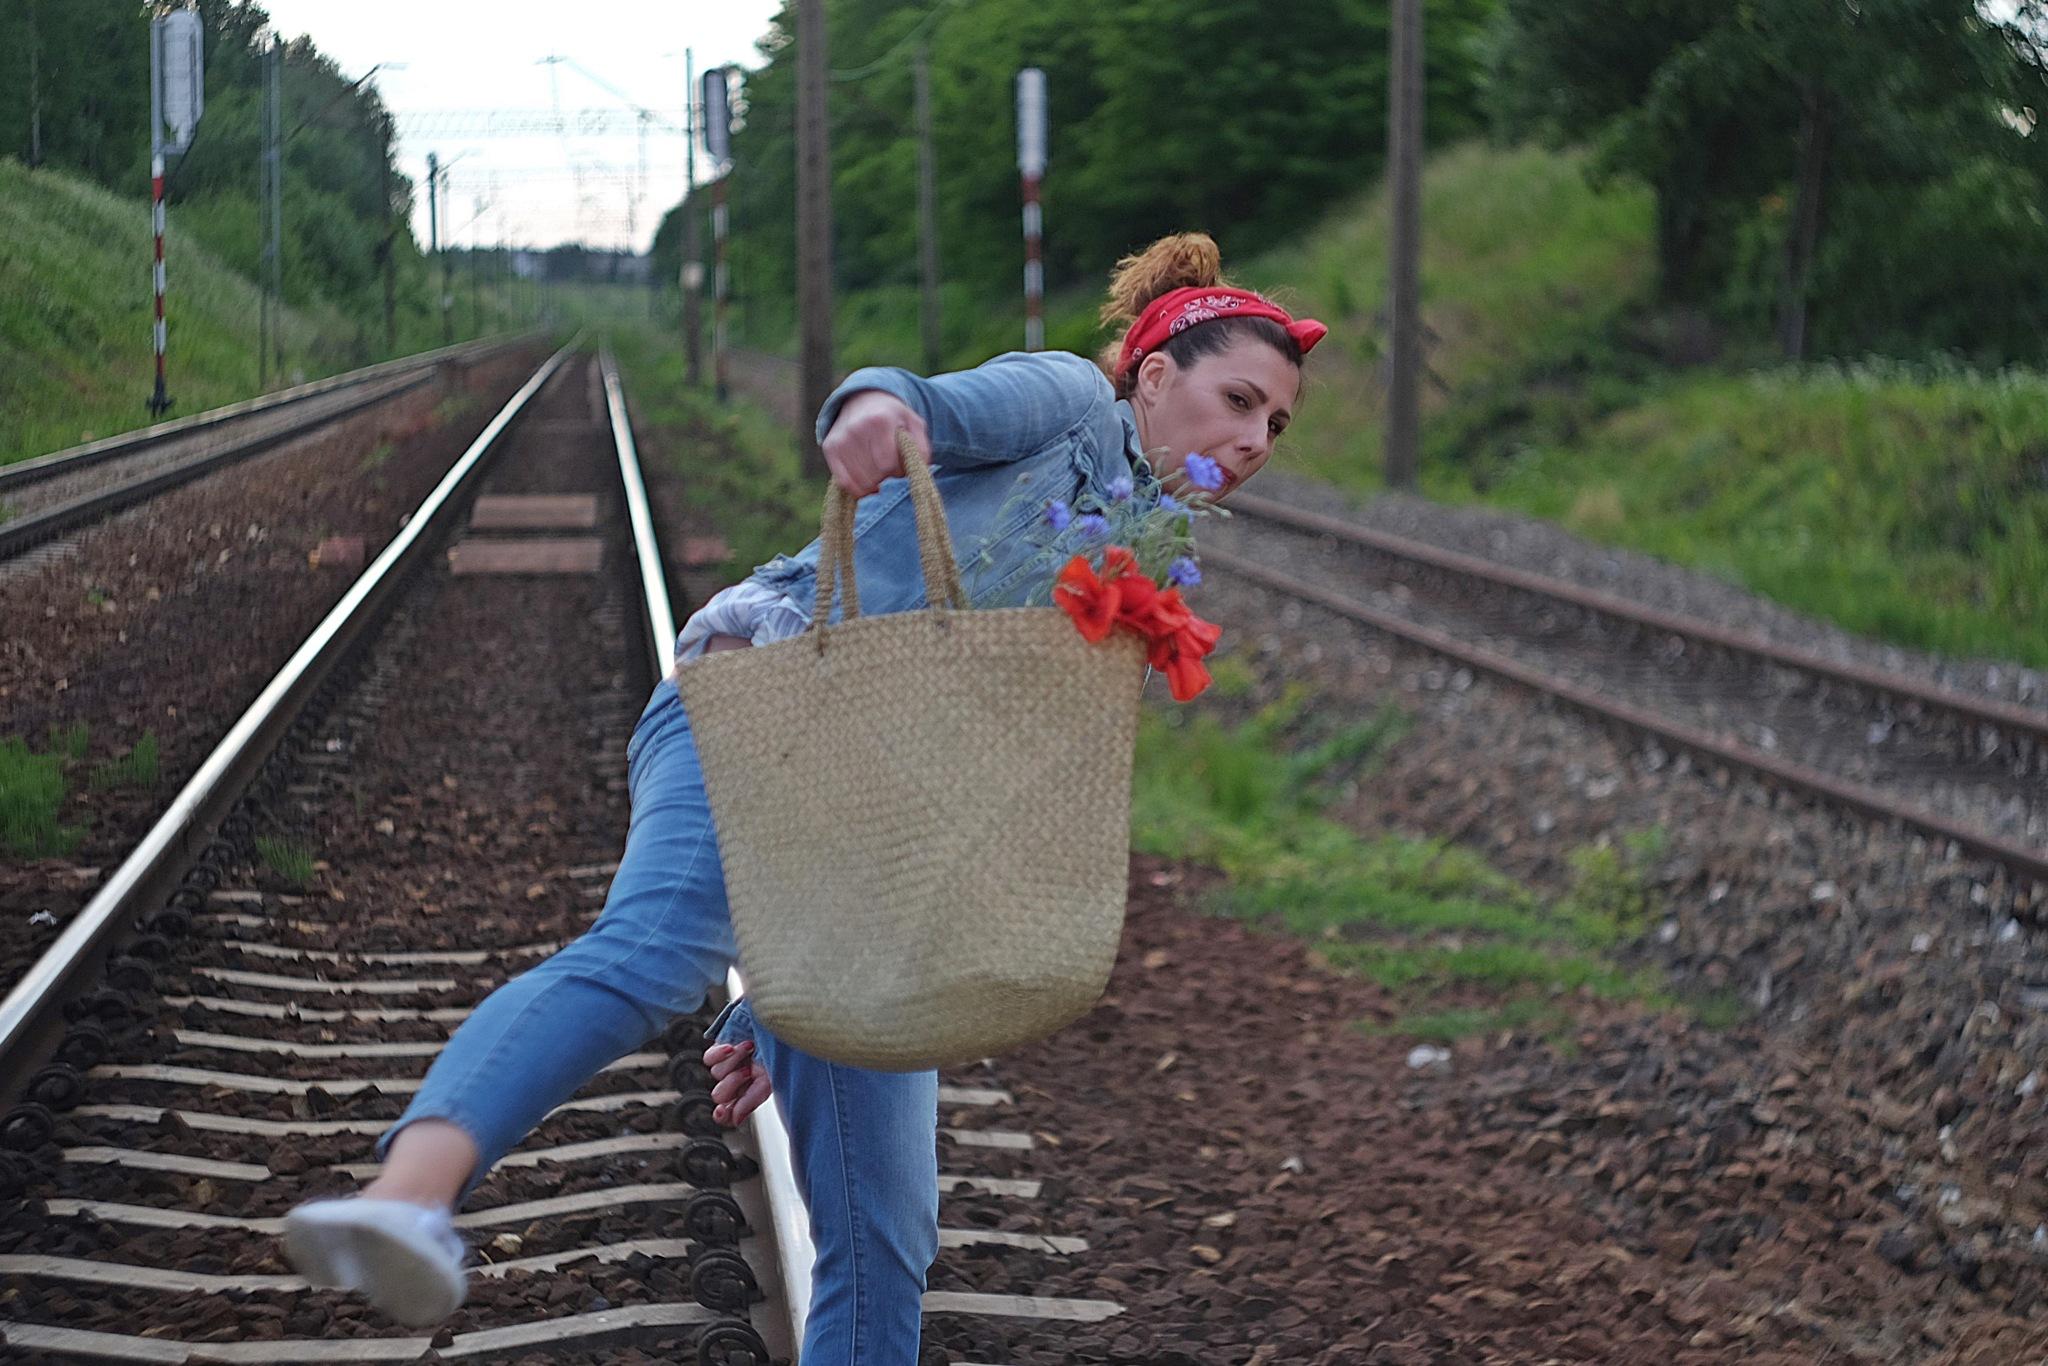 On the go... by lanuka